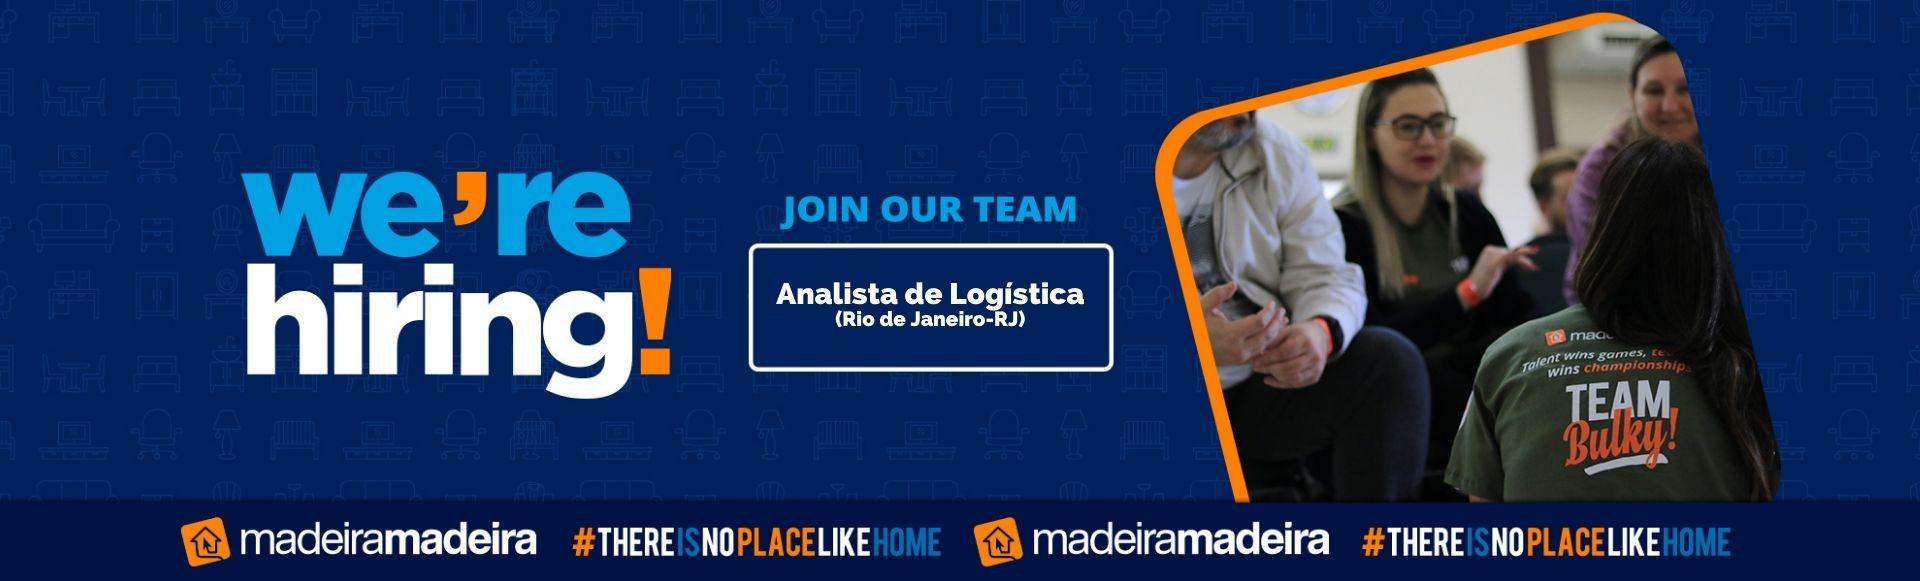 Analista de Logística (Rio de Janeiro-RJ)